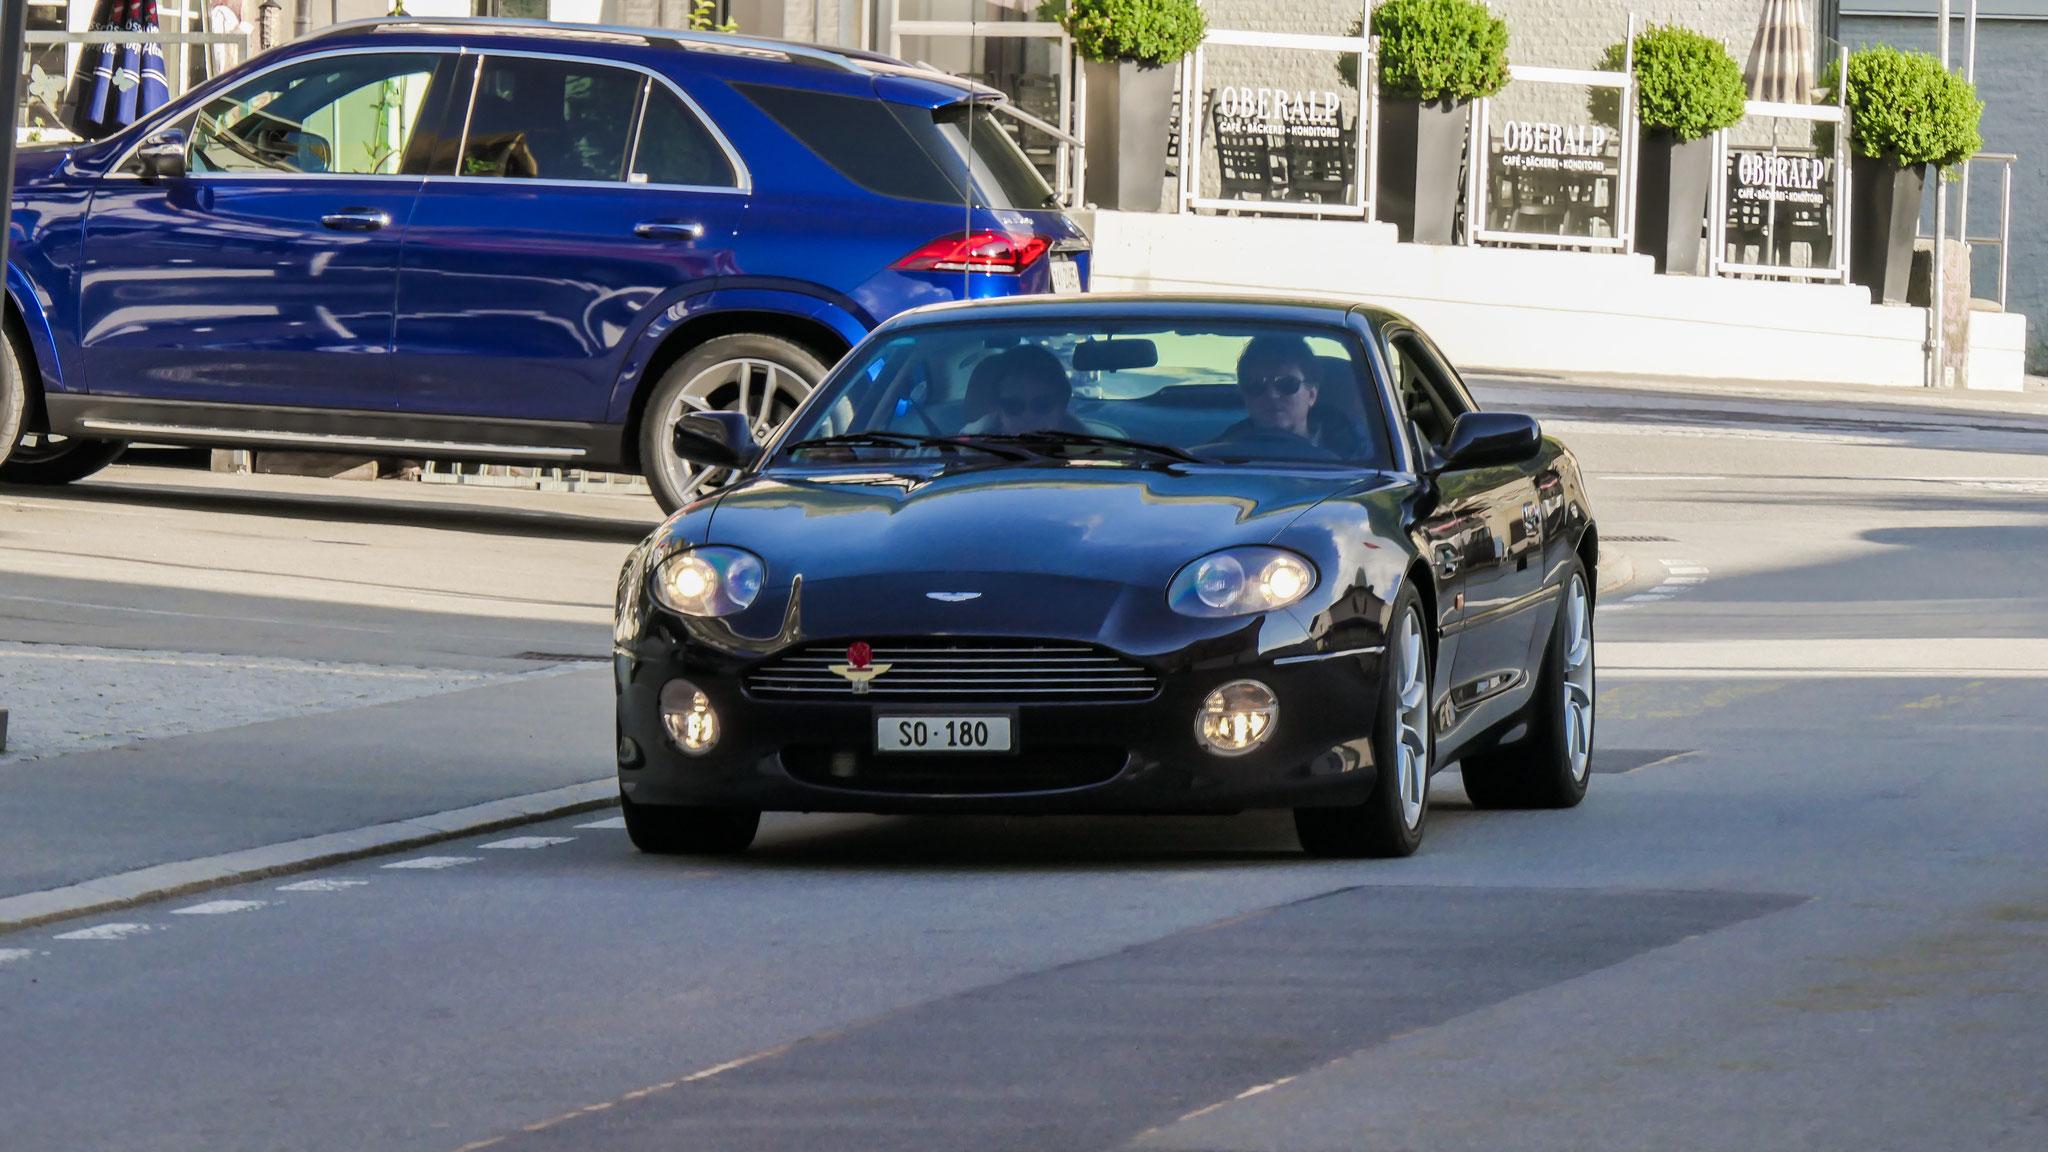 Aston Martin DB7 - SO-180 (CH)